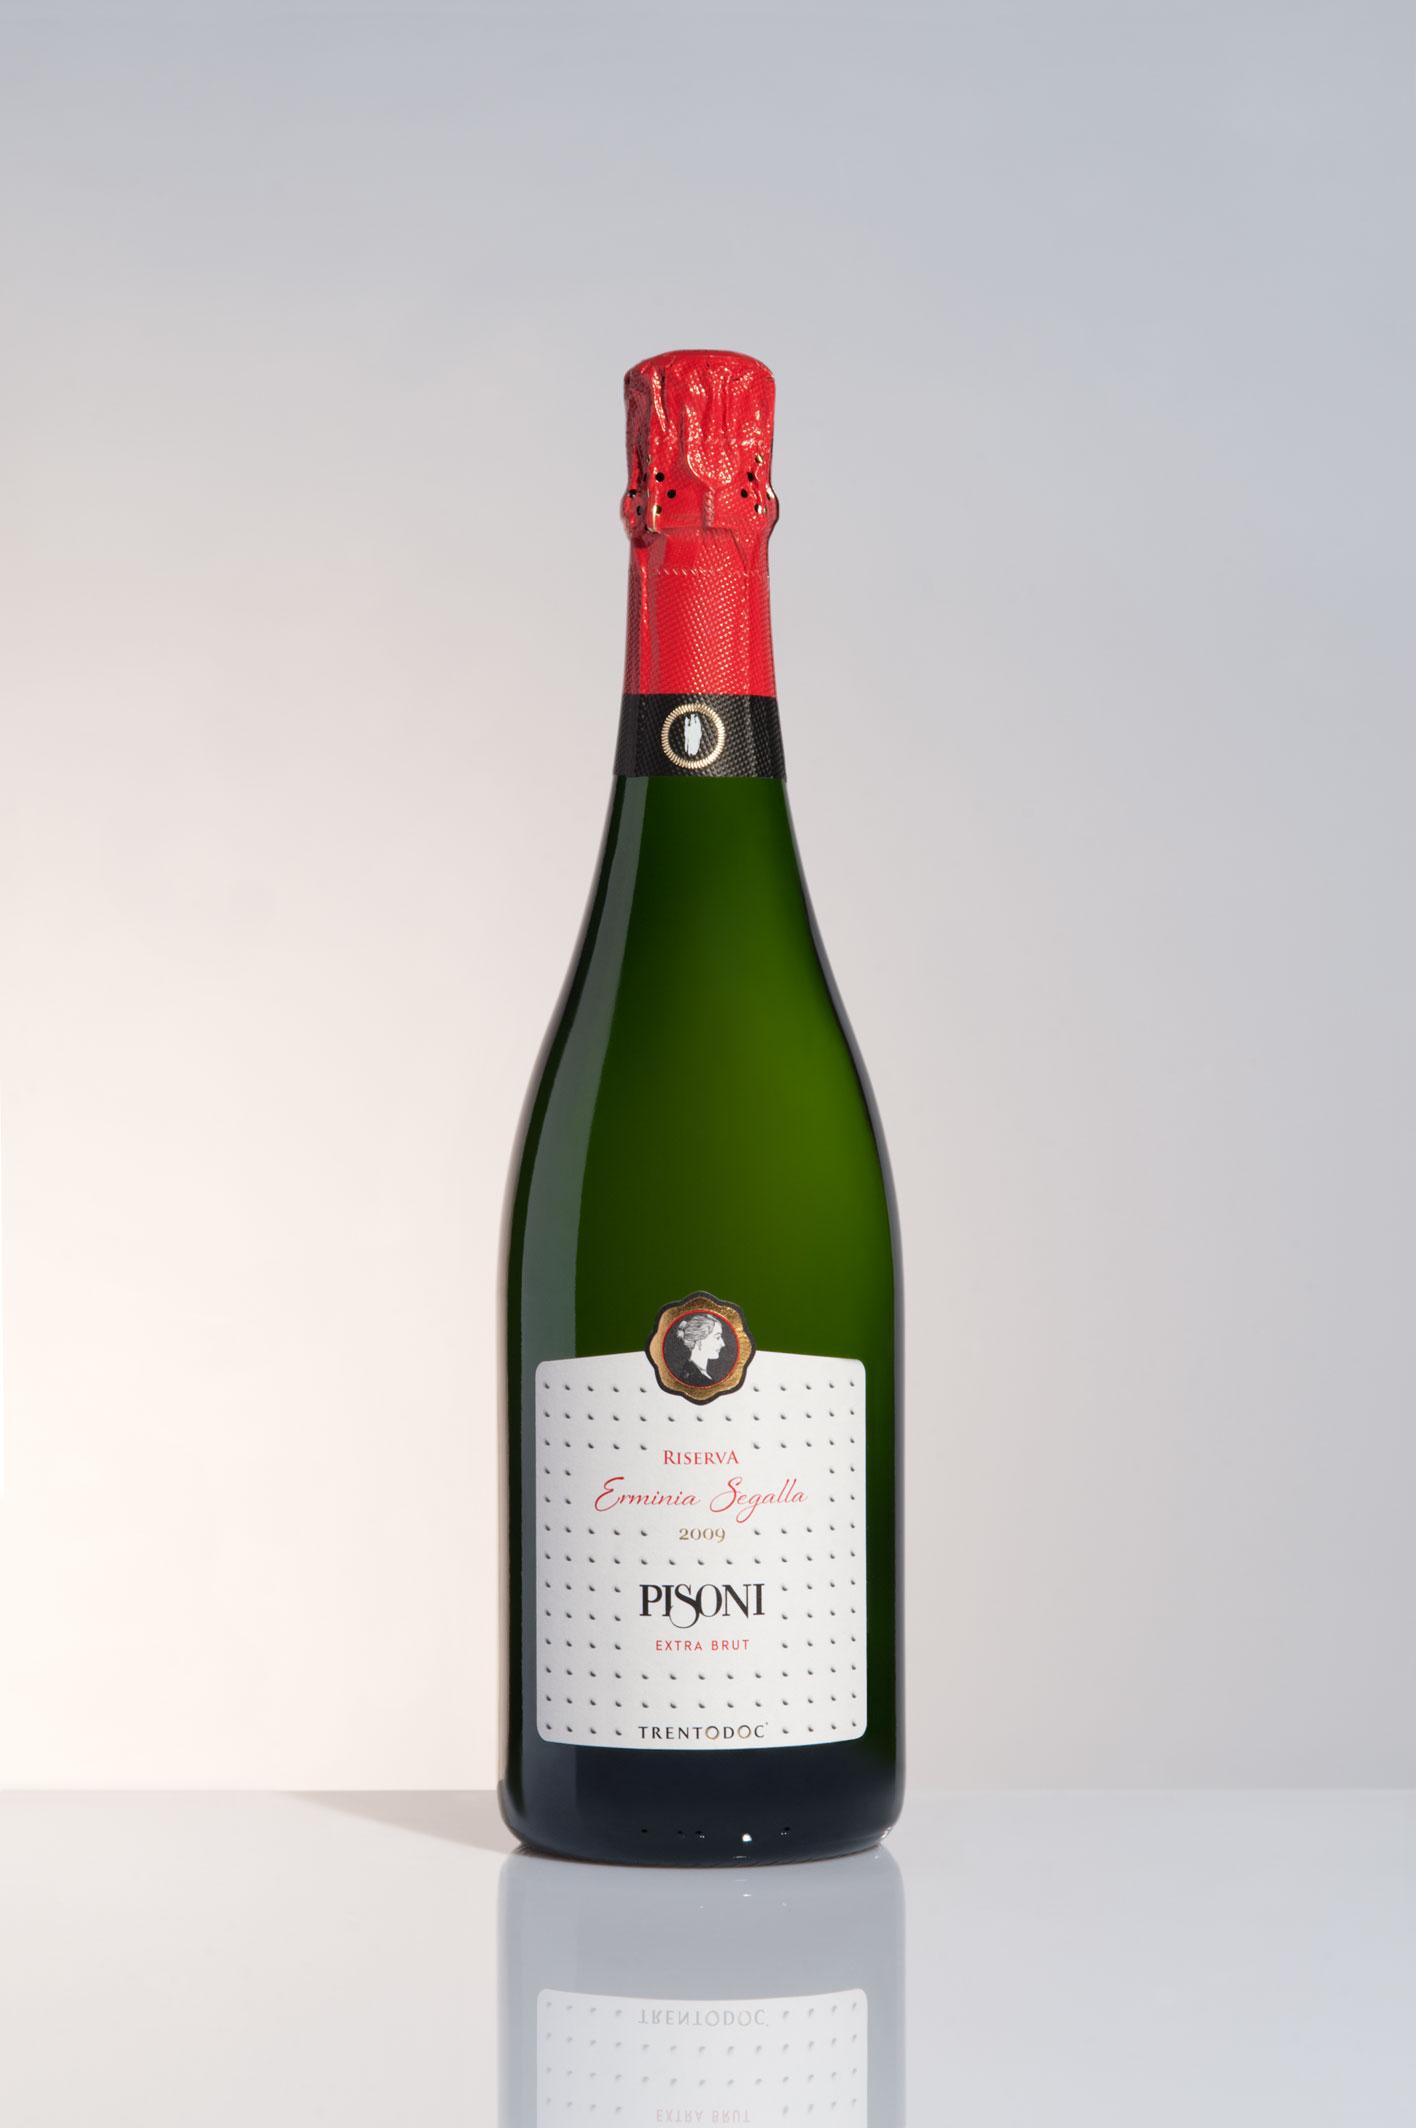 Pisoni-Spumante-Riserva Segalla